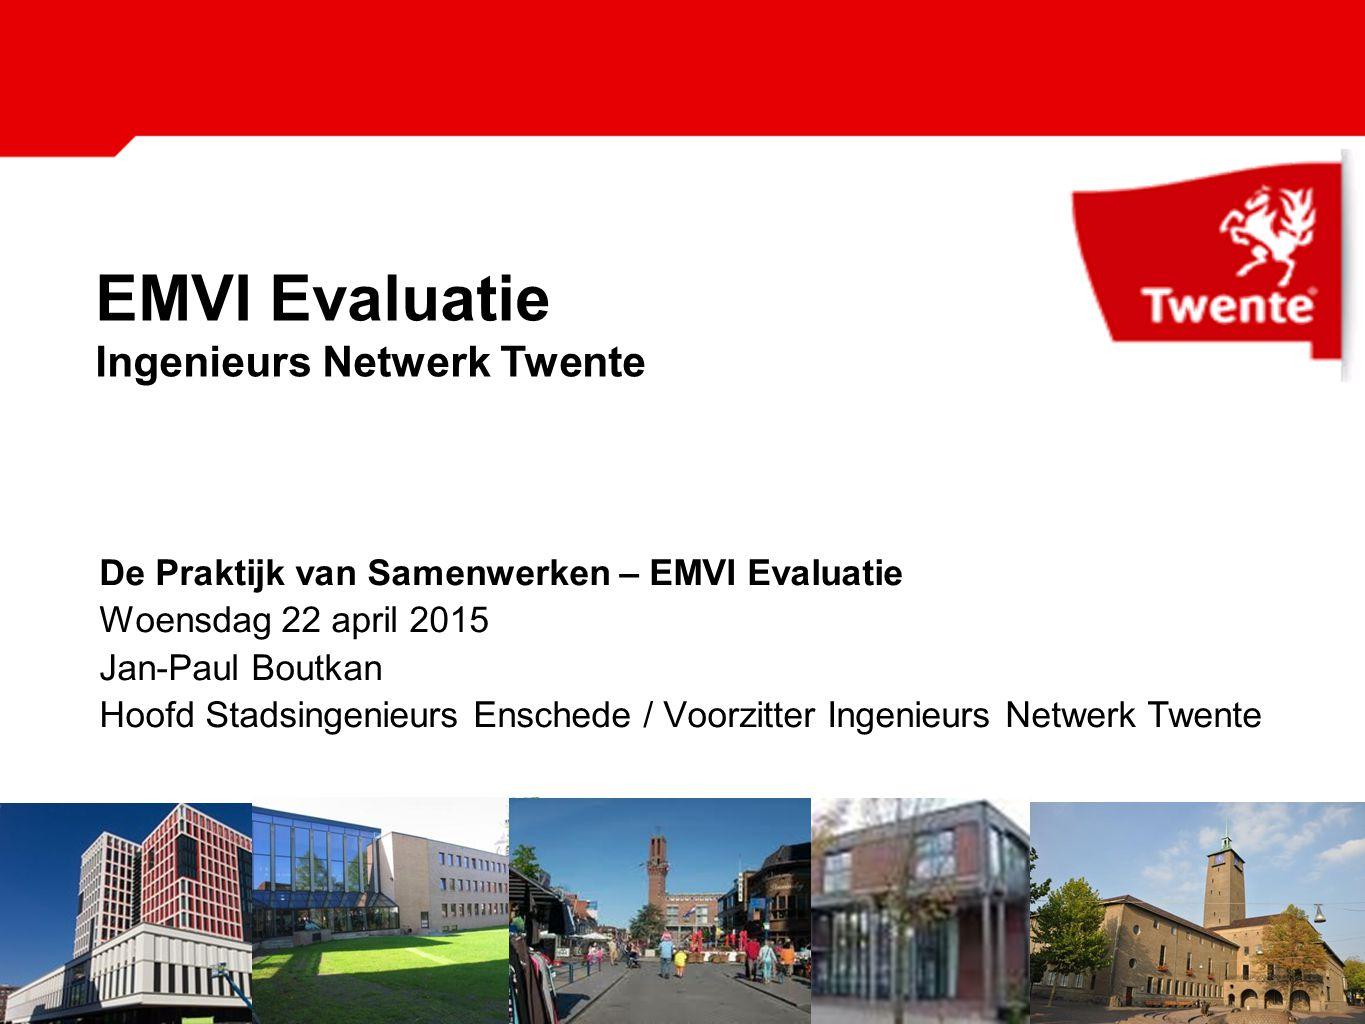 De Praktijk van Samenwerken – EMVI Evaluatie Woensdag 22 april 2015 Jan-Paul Boutkan Hoofd Stadsingenieurs Enschede / Voorzitter Ingenieurs Netwerk Twente EMVI Evaluatie Ingenieurs Netwerk Twente